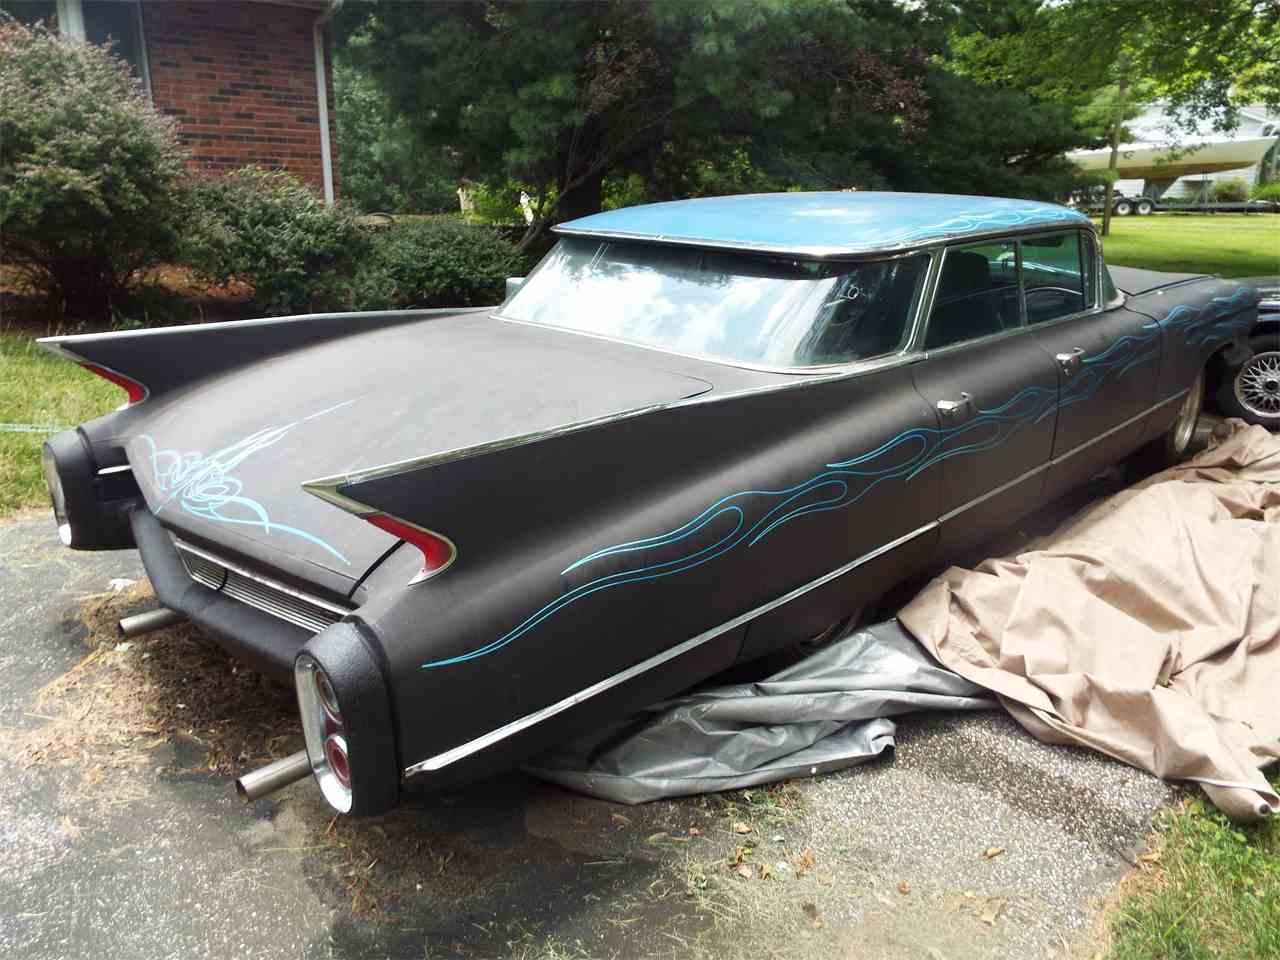 Large Picture of \u002760 DeVille - KPXV & 1960 Cadillac DeVille for Sale | ClassicCars.com | CC-966739